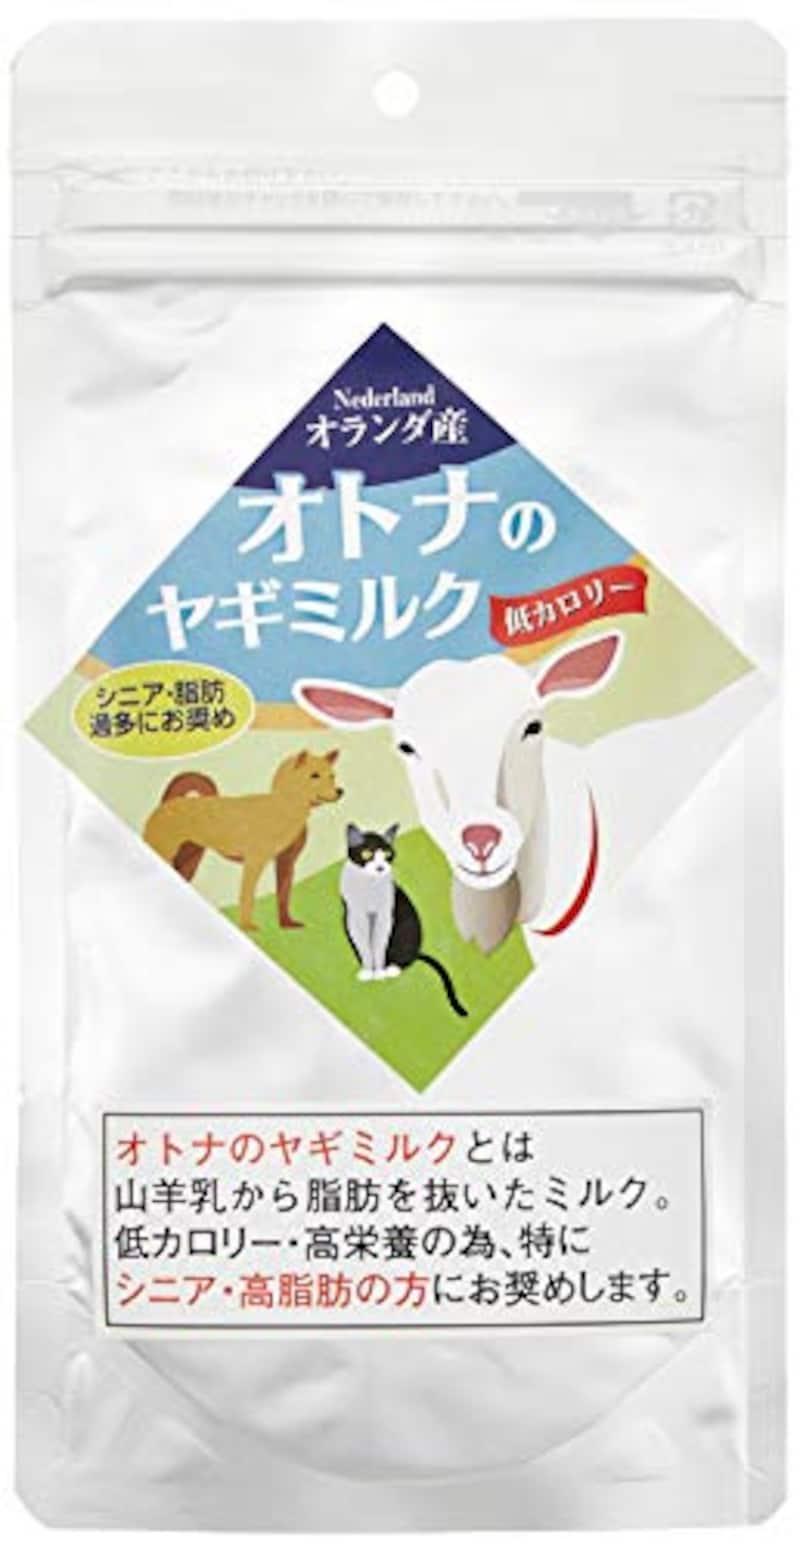 ミルク本舗,オトナのヤギミルク